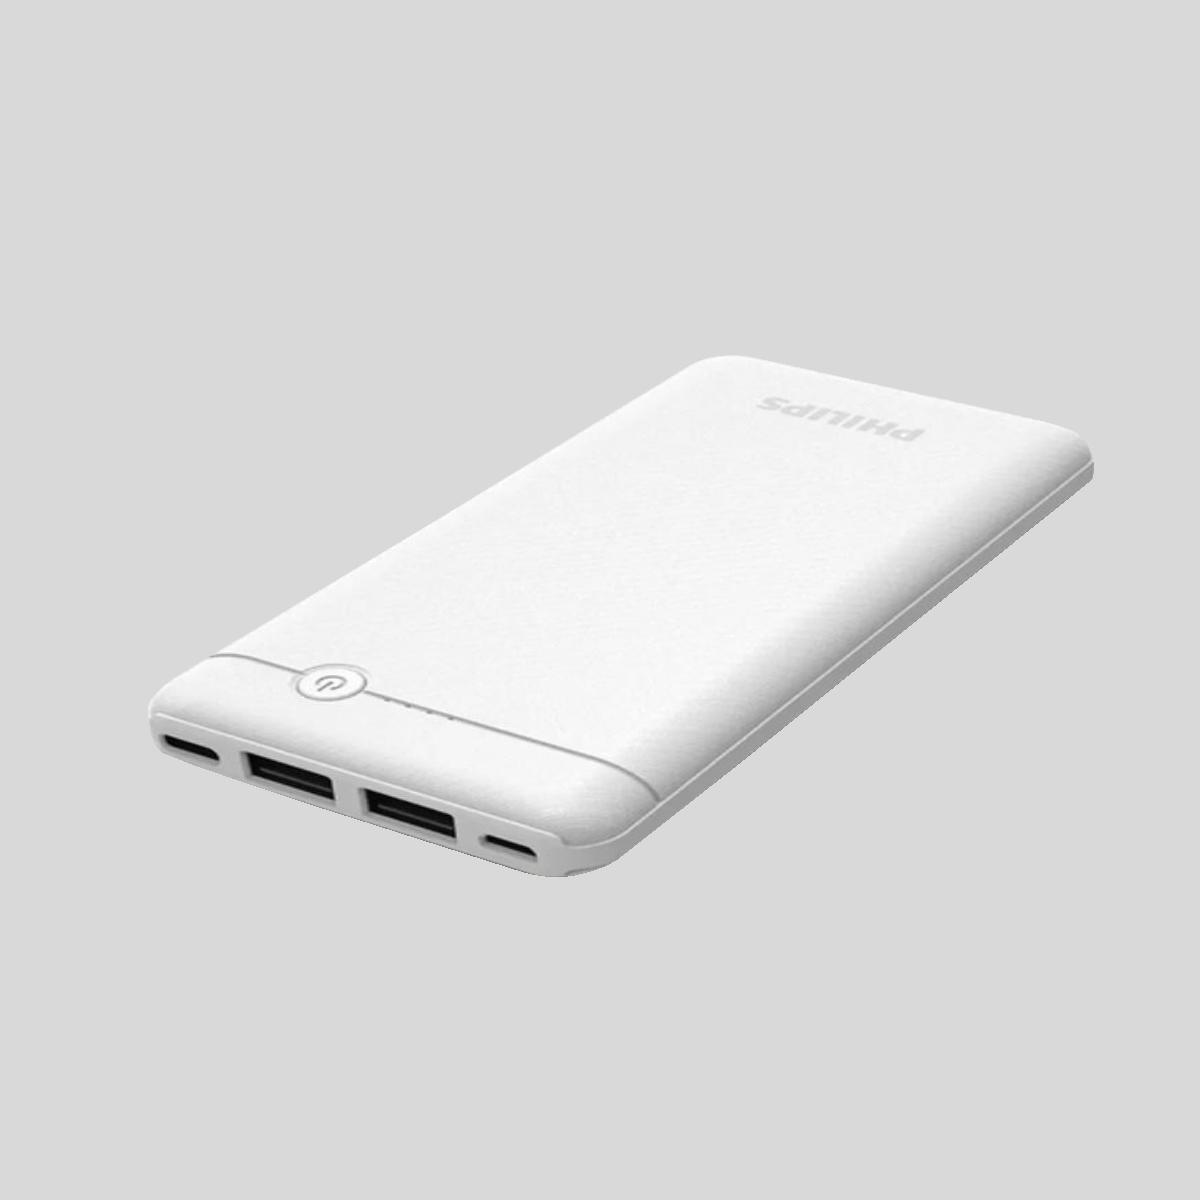 Carregador Portátil Branco Bateria Power Bank 4.000Mah Com Cabo USB